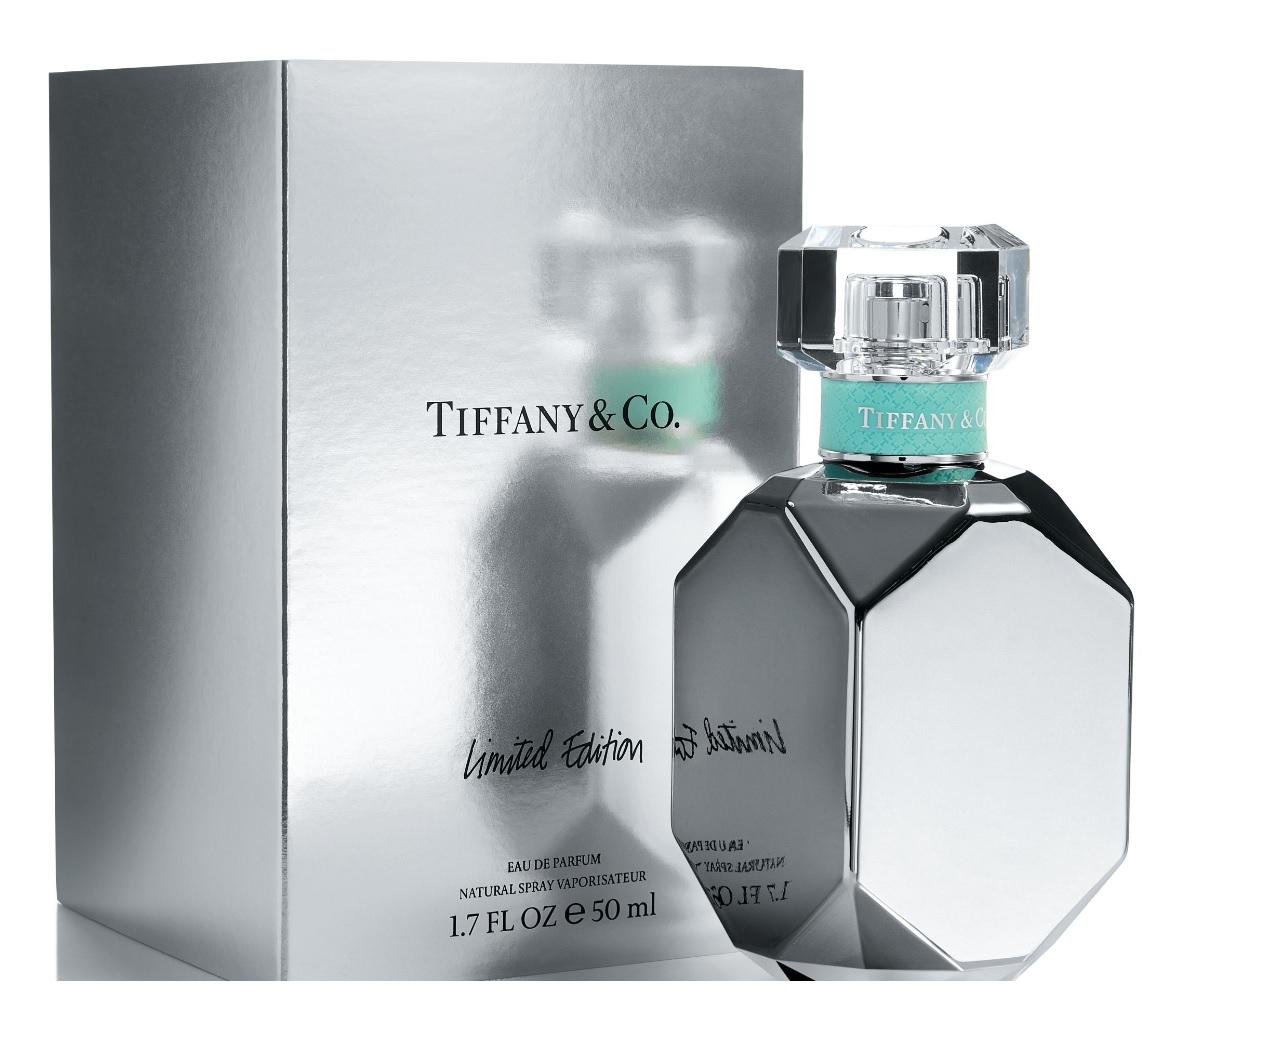 tiffany %3F co profumo%3D  Tiffany & Co Limited Edition Tiffany - una nuova fragranza da ...